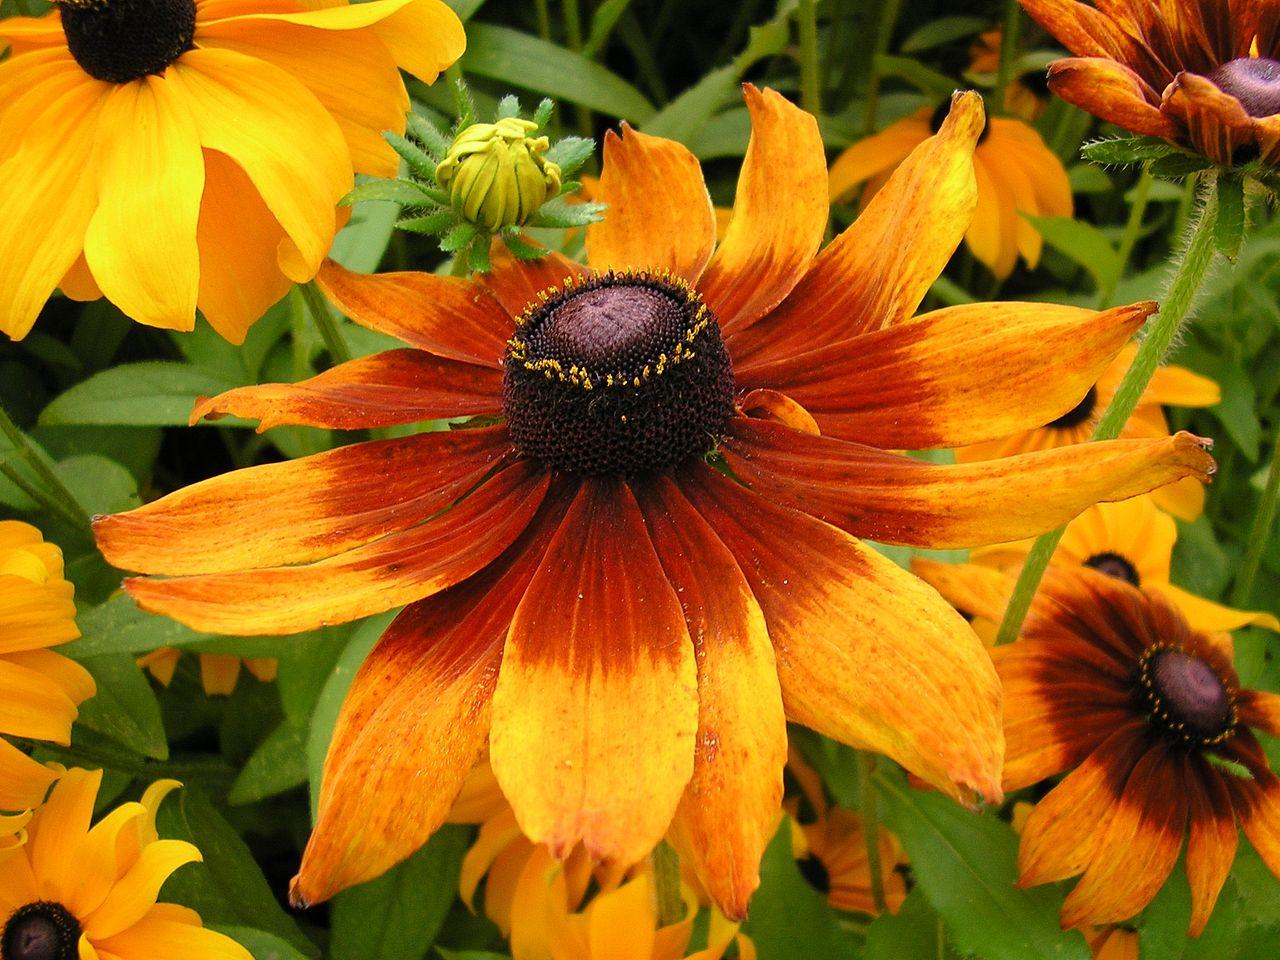 La Rudbeckia es una planta que produce flores vistosas